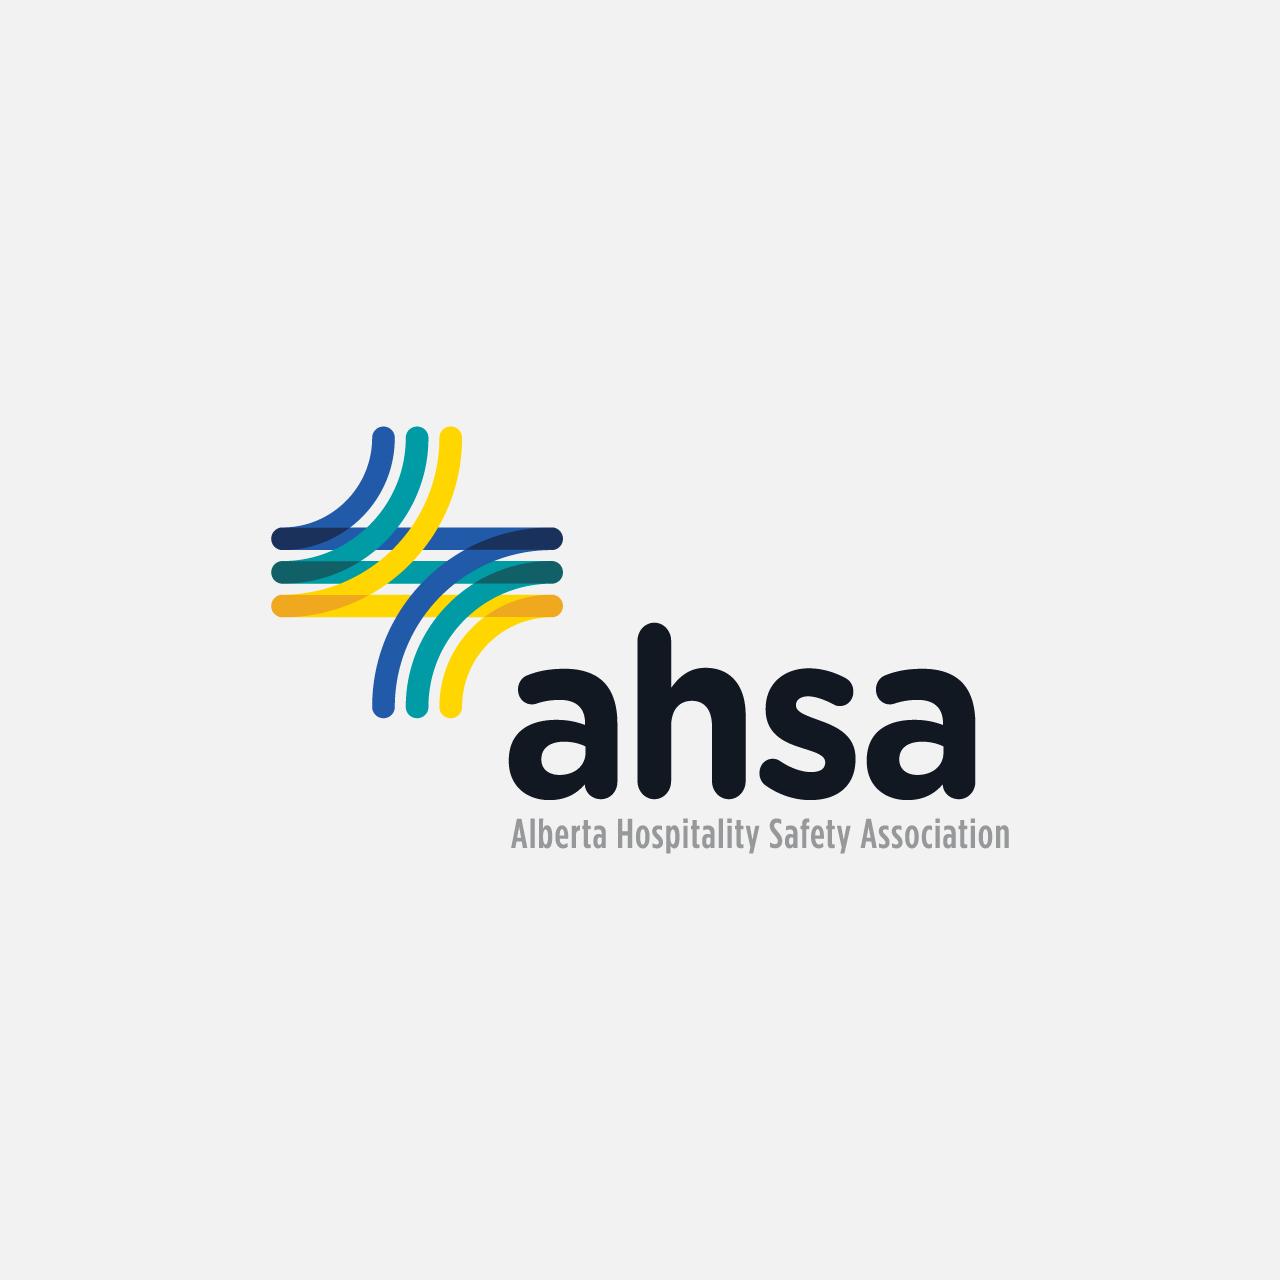 AHSA_logo.png